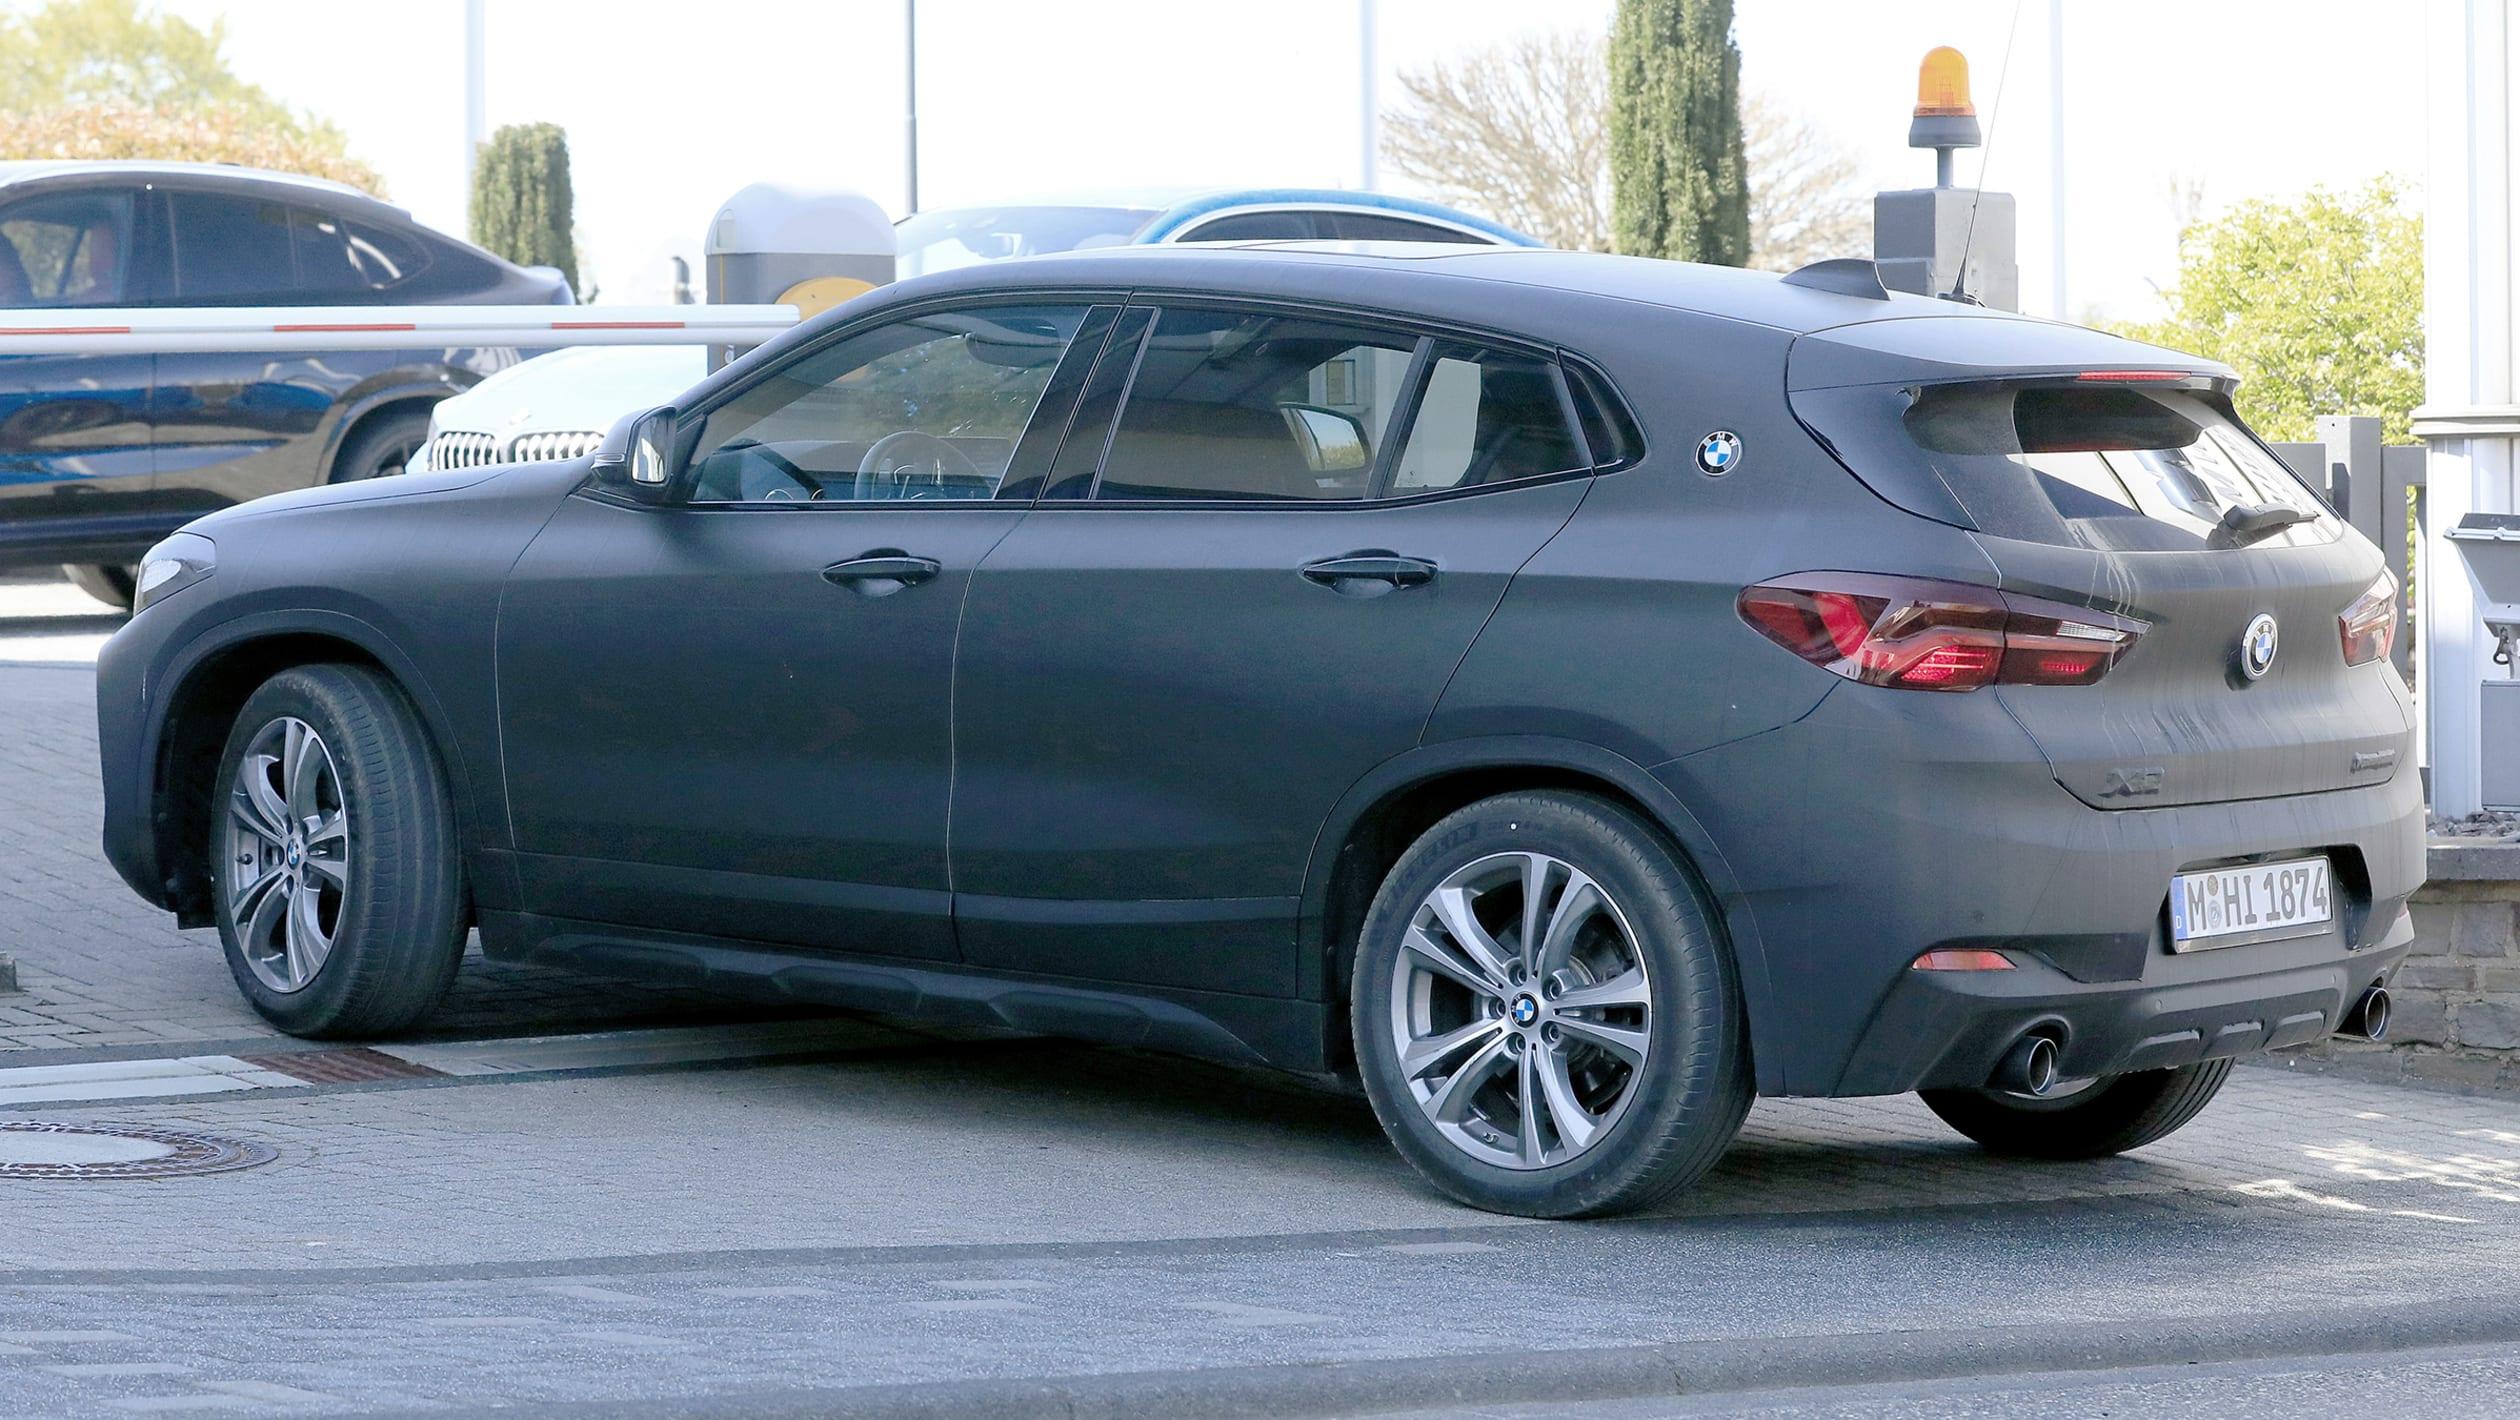 2017 - [BMW] X2 [F39] - Page 16 BMW%20X2%20spy%20shots-8